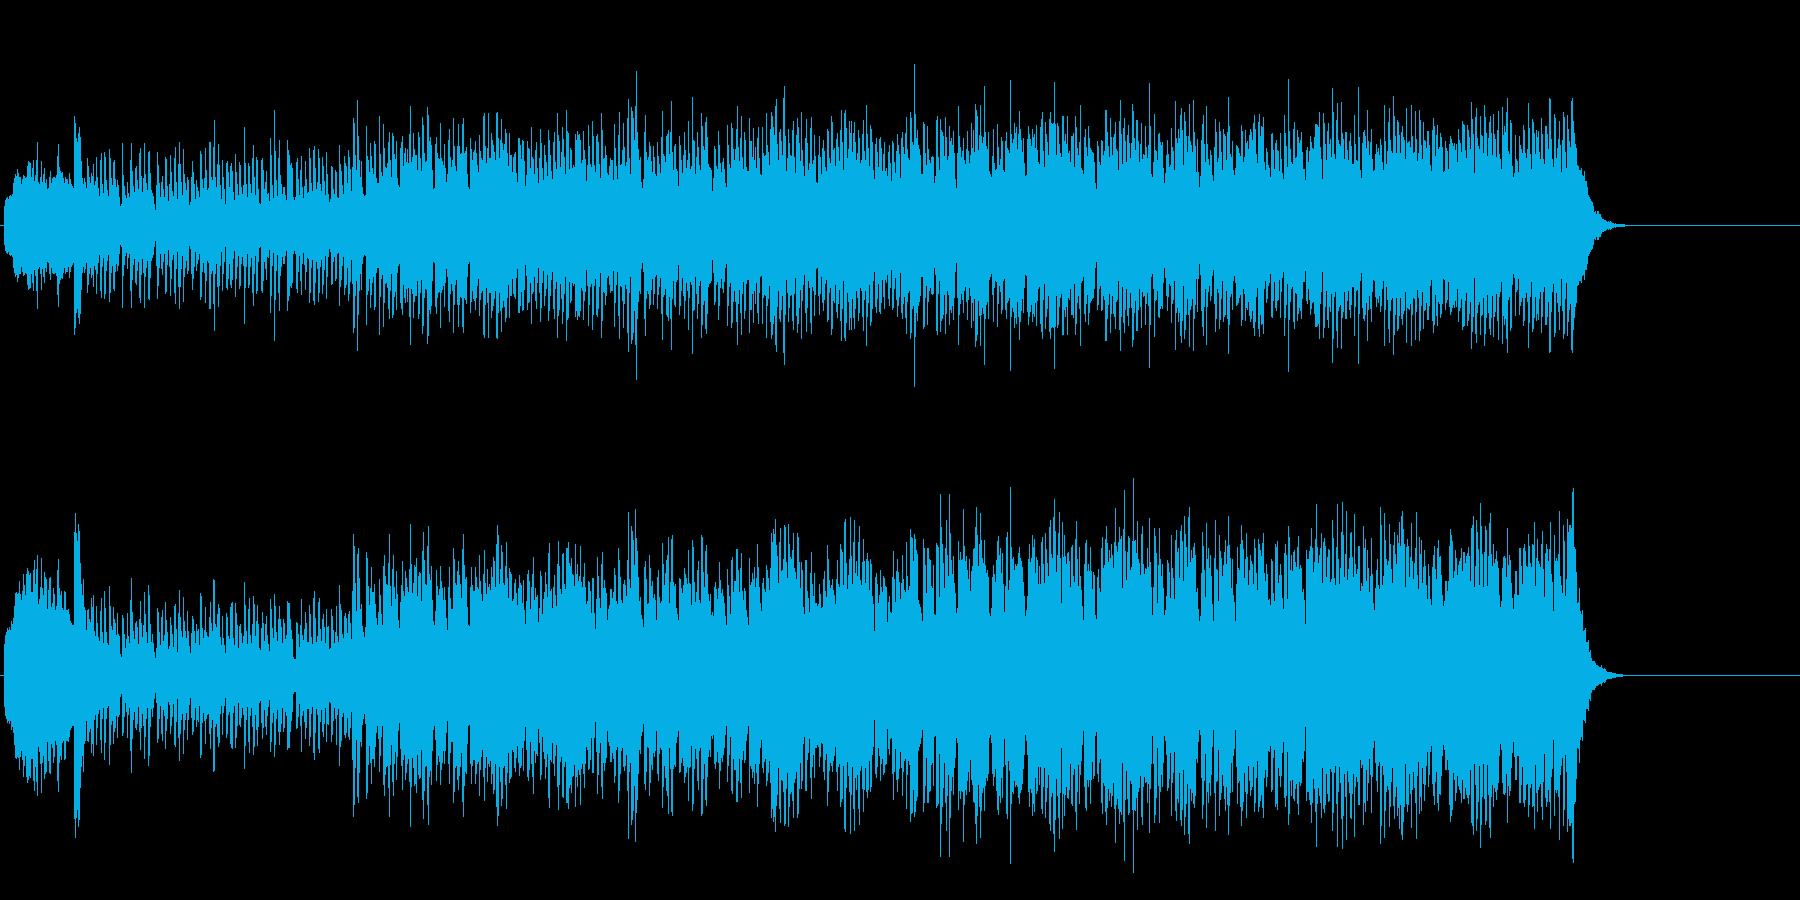 ポップでファニーなワールド・ミュージックの再生済みの波形